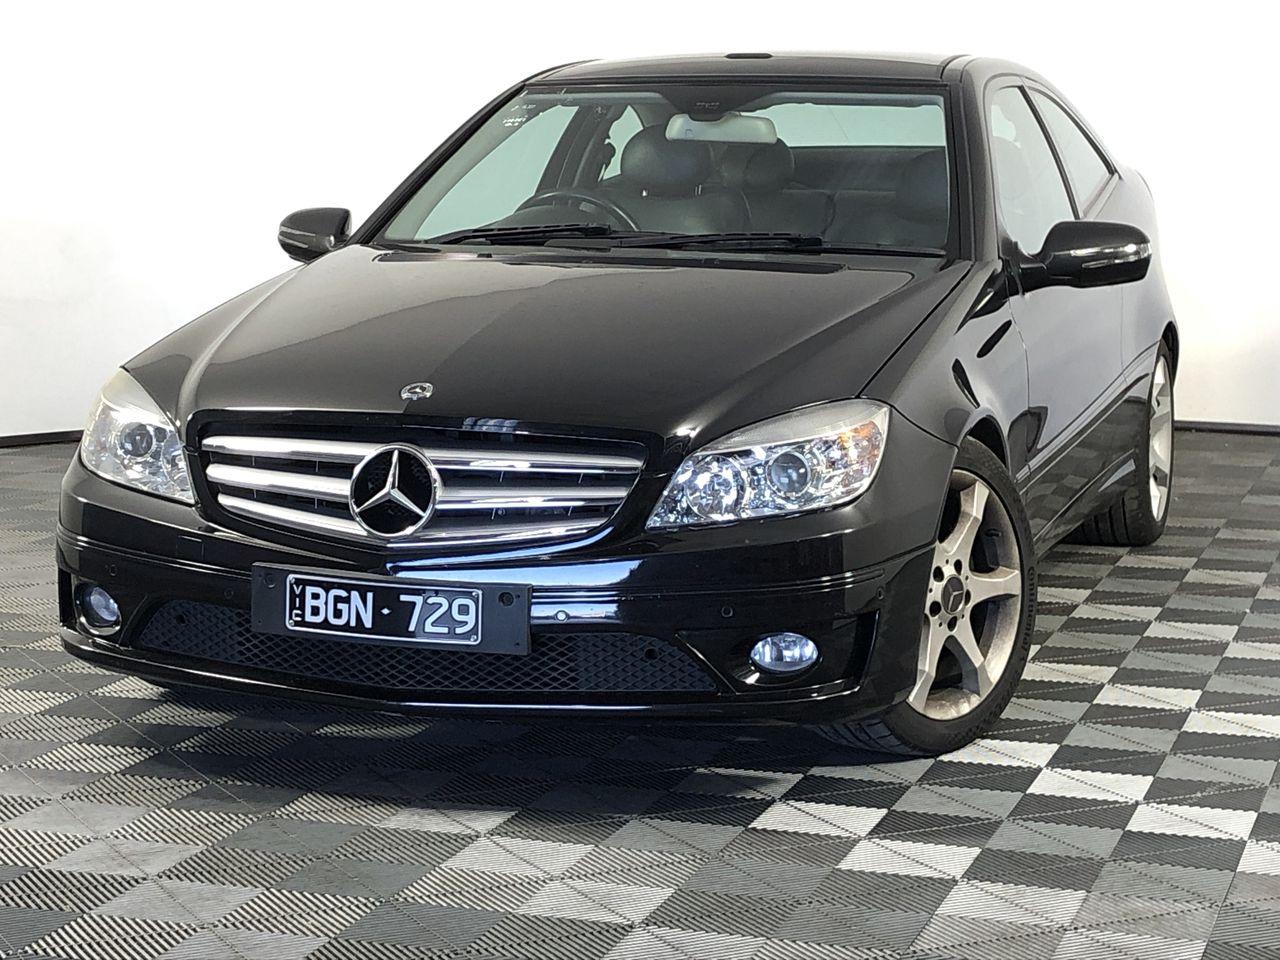 2008 Mercedes Benz CLC CLC 200 Kompressor CL203 Automatic Coupe